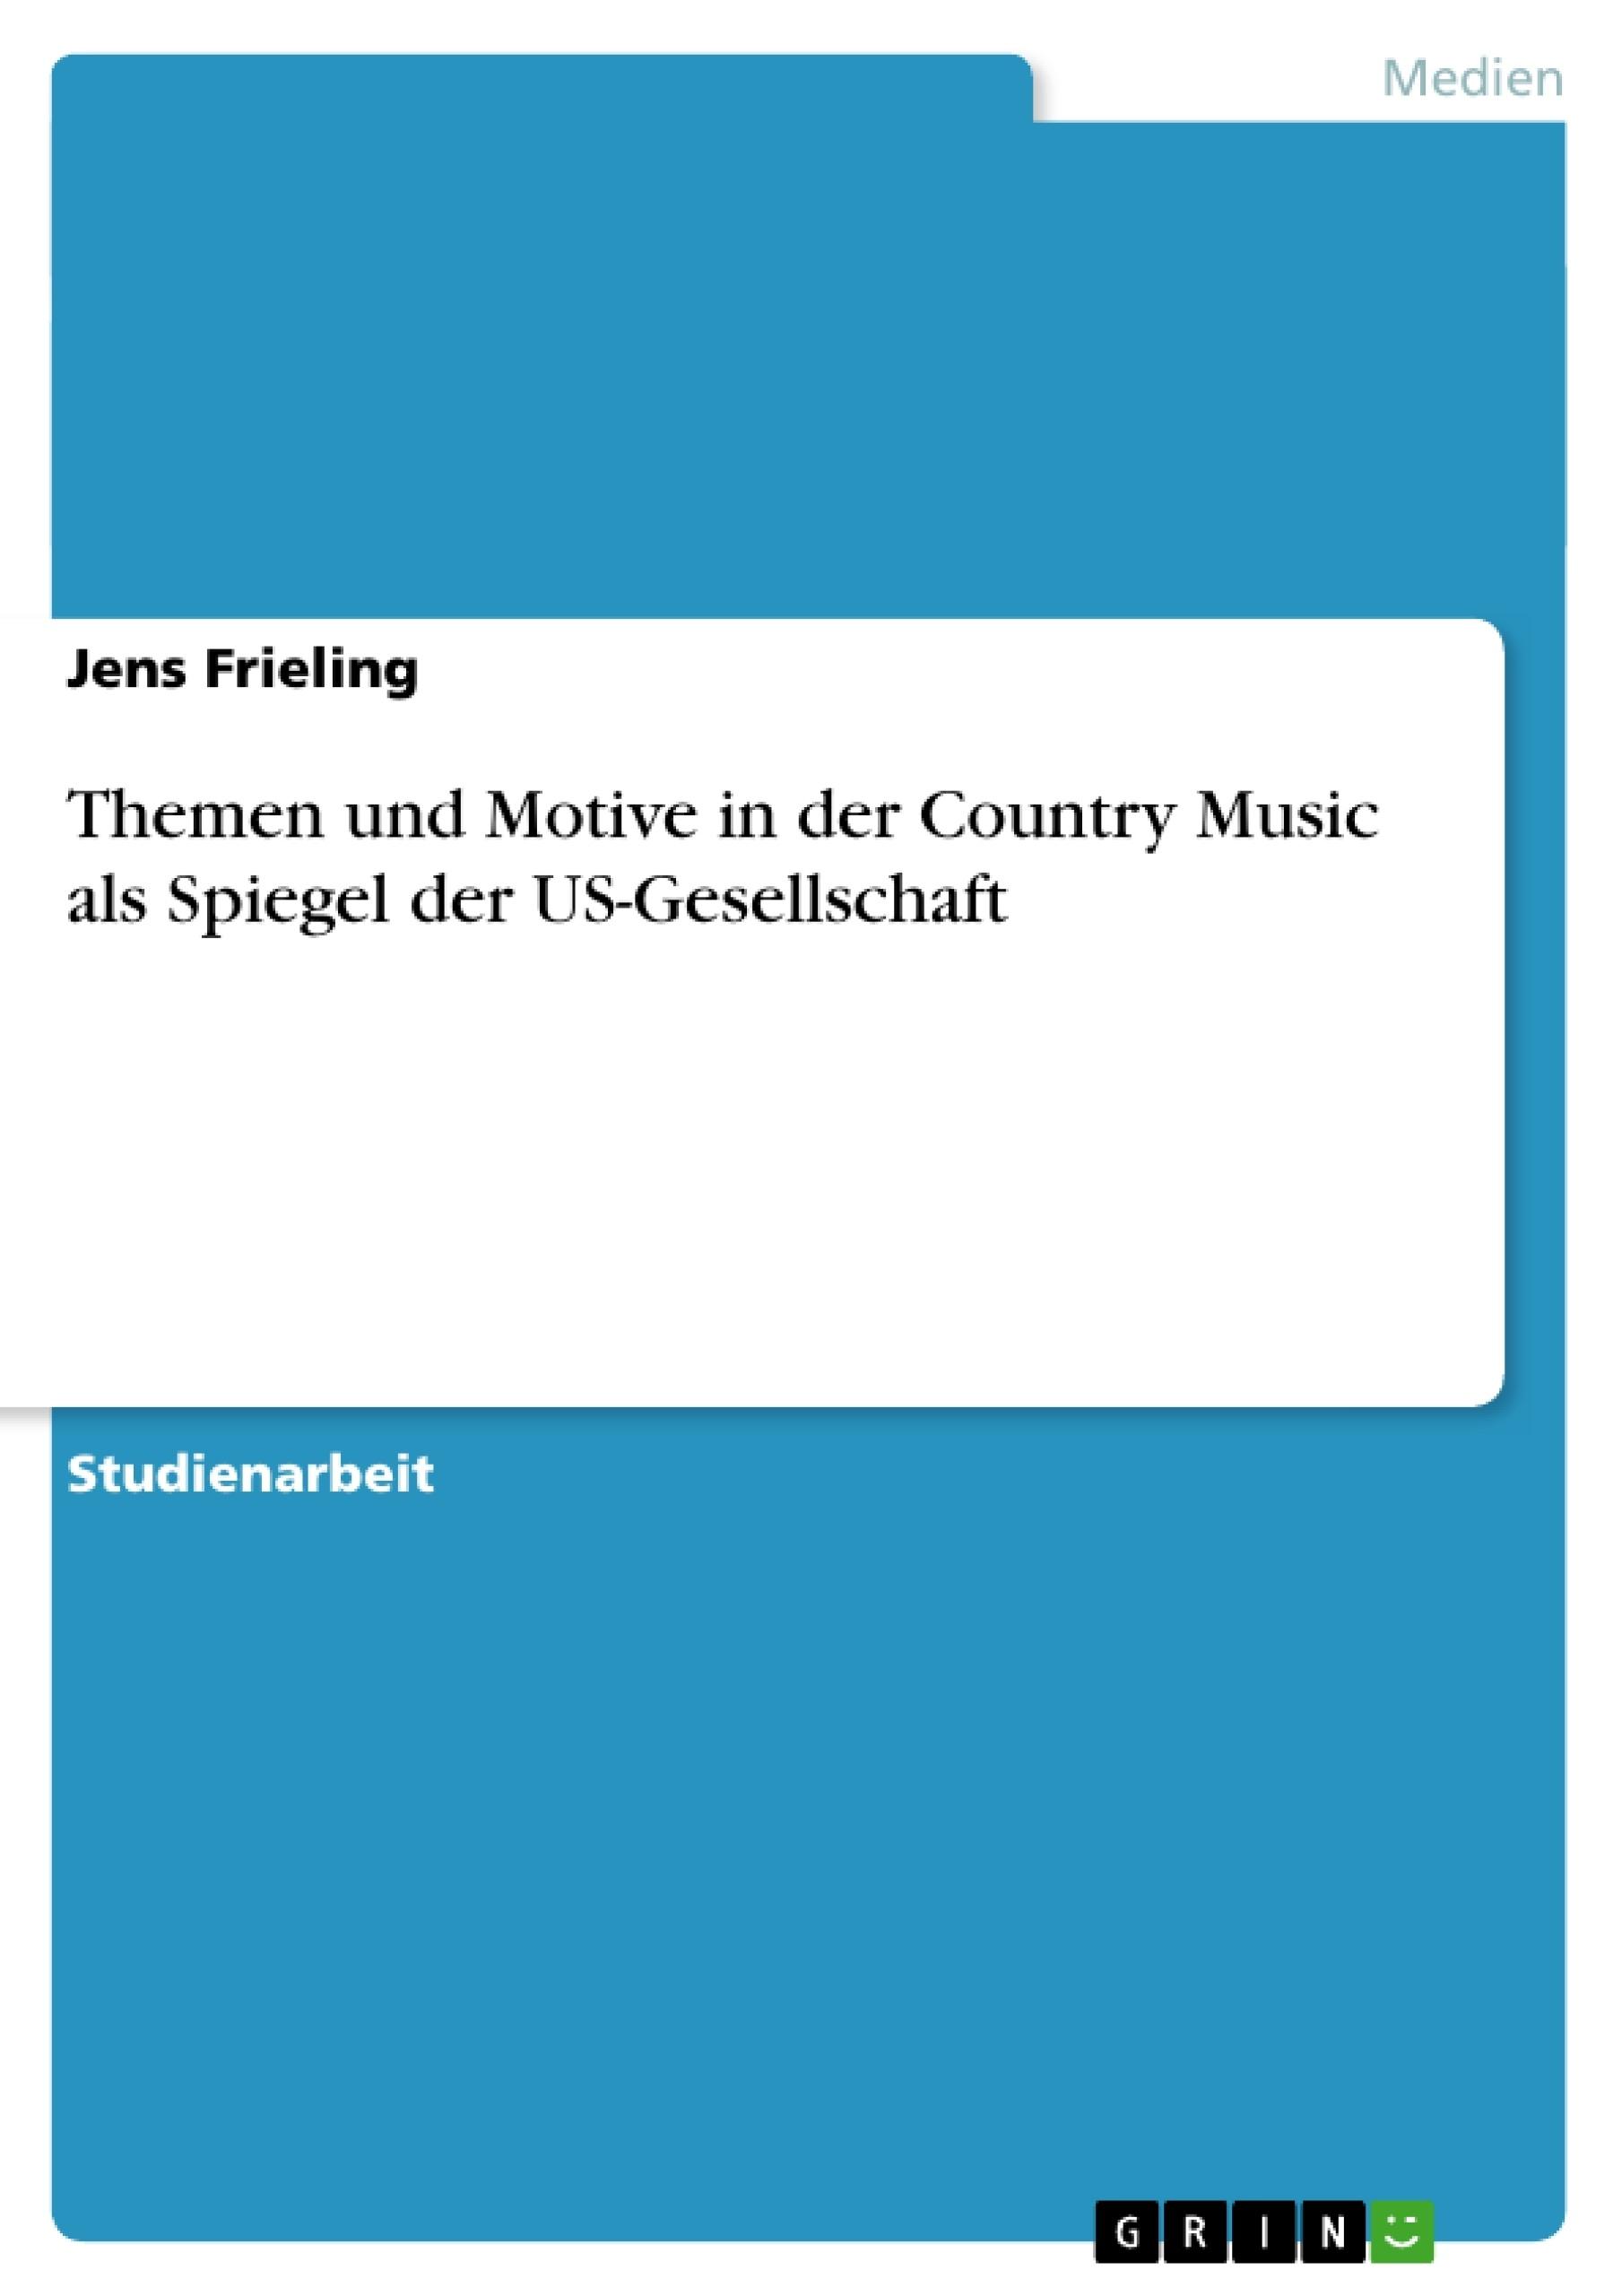 Titel: Themen und Motive in der Country Music als Spiegel der US-Gesellschaft